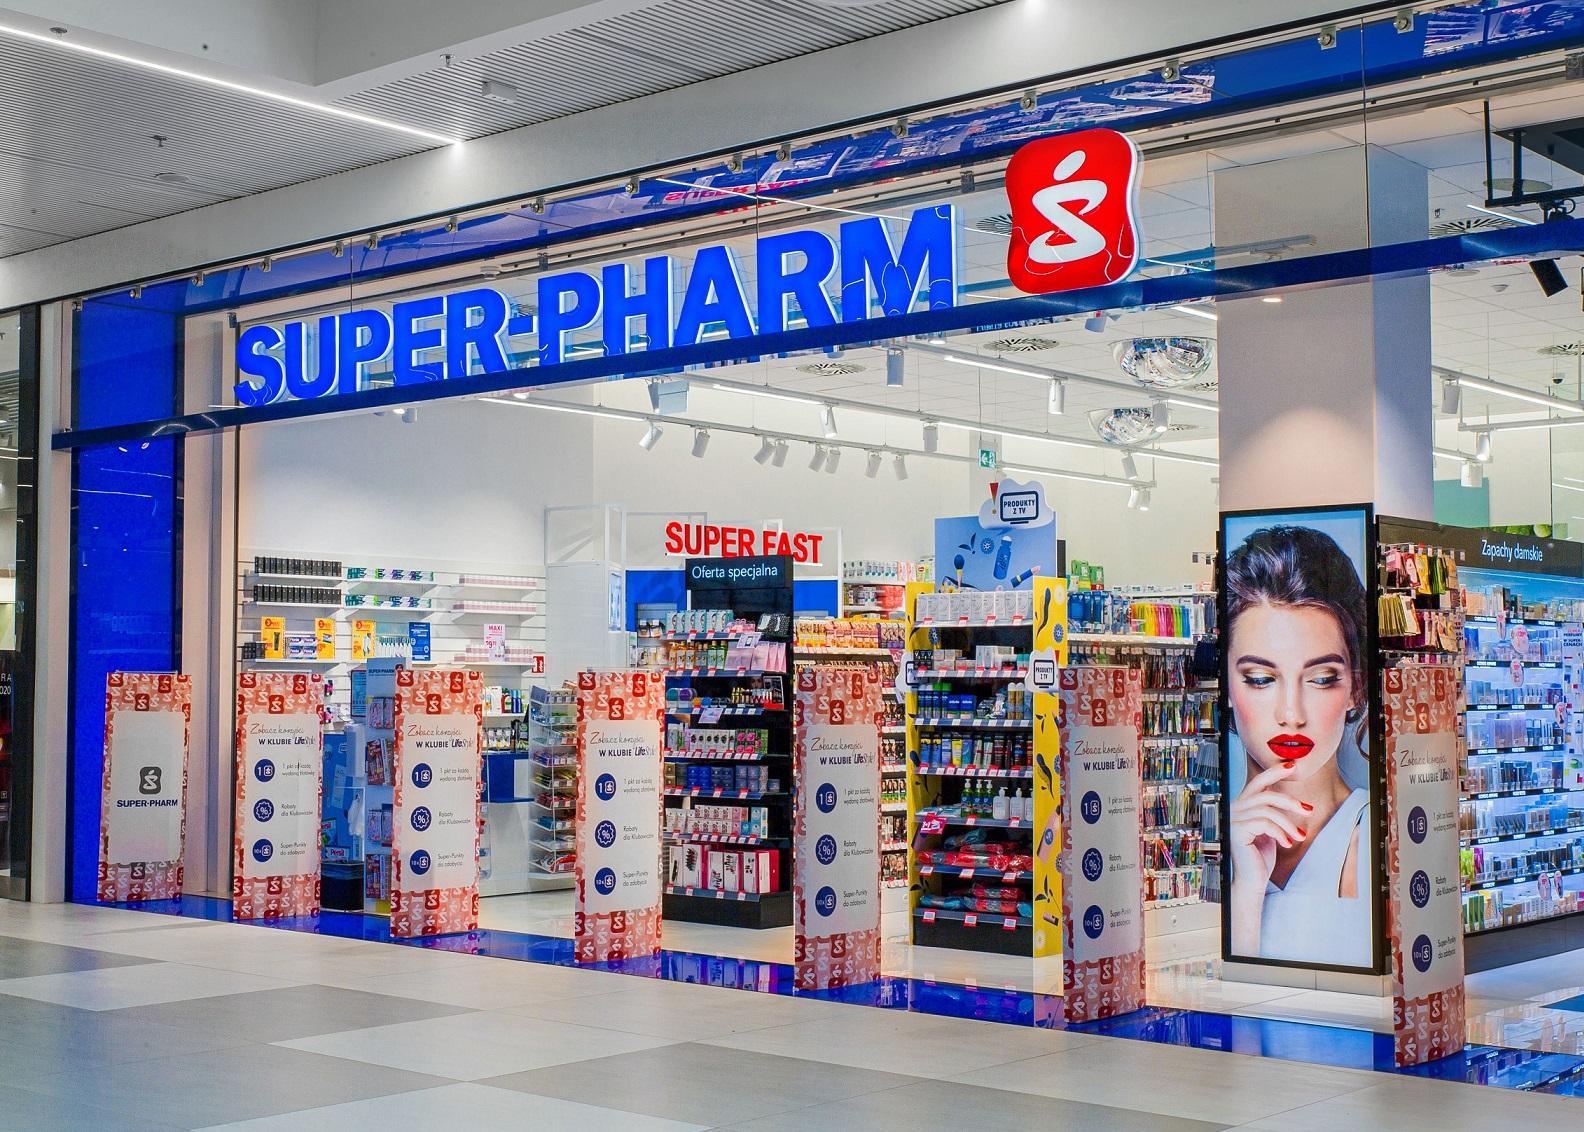 ID Logistics optymalizuje obsługę zamówień dla Super-Pharm